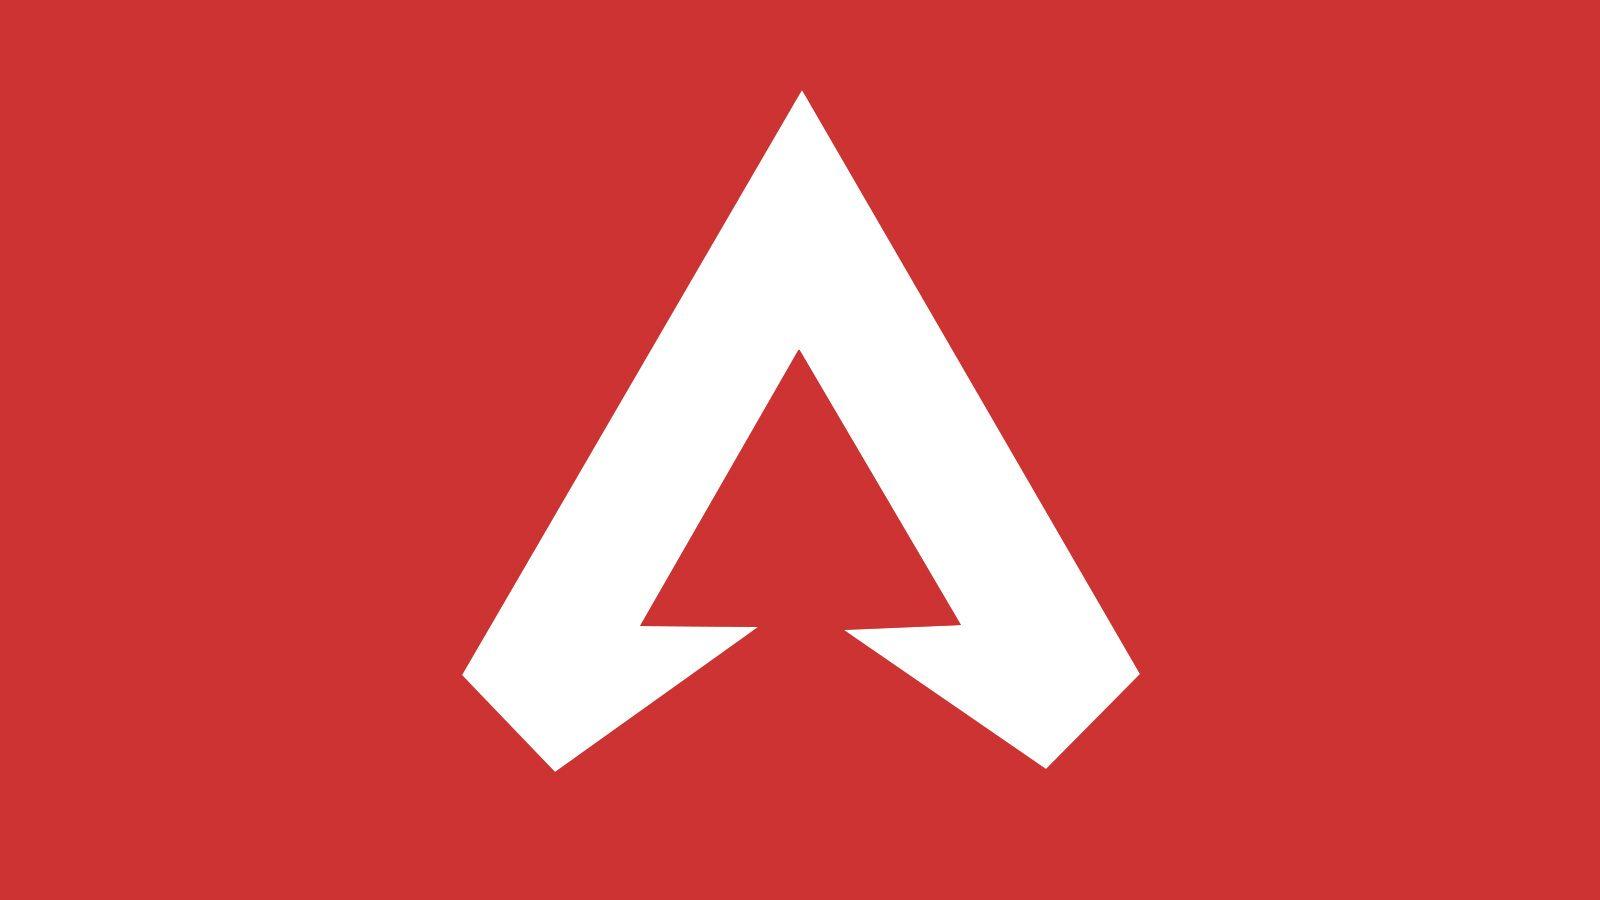 Apex英雄 游戏优化指南